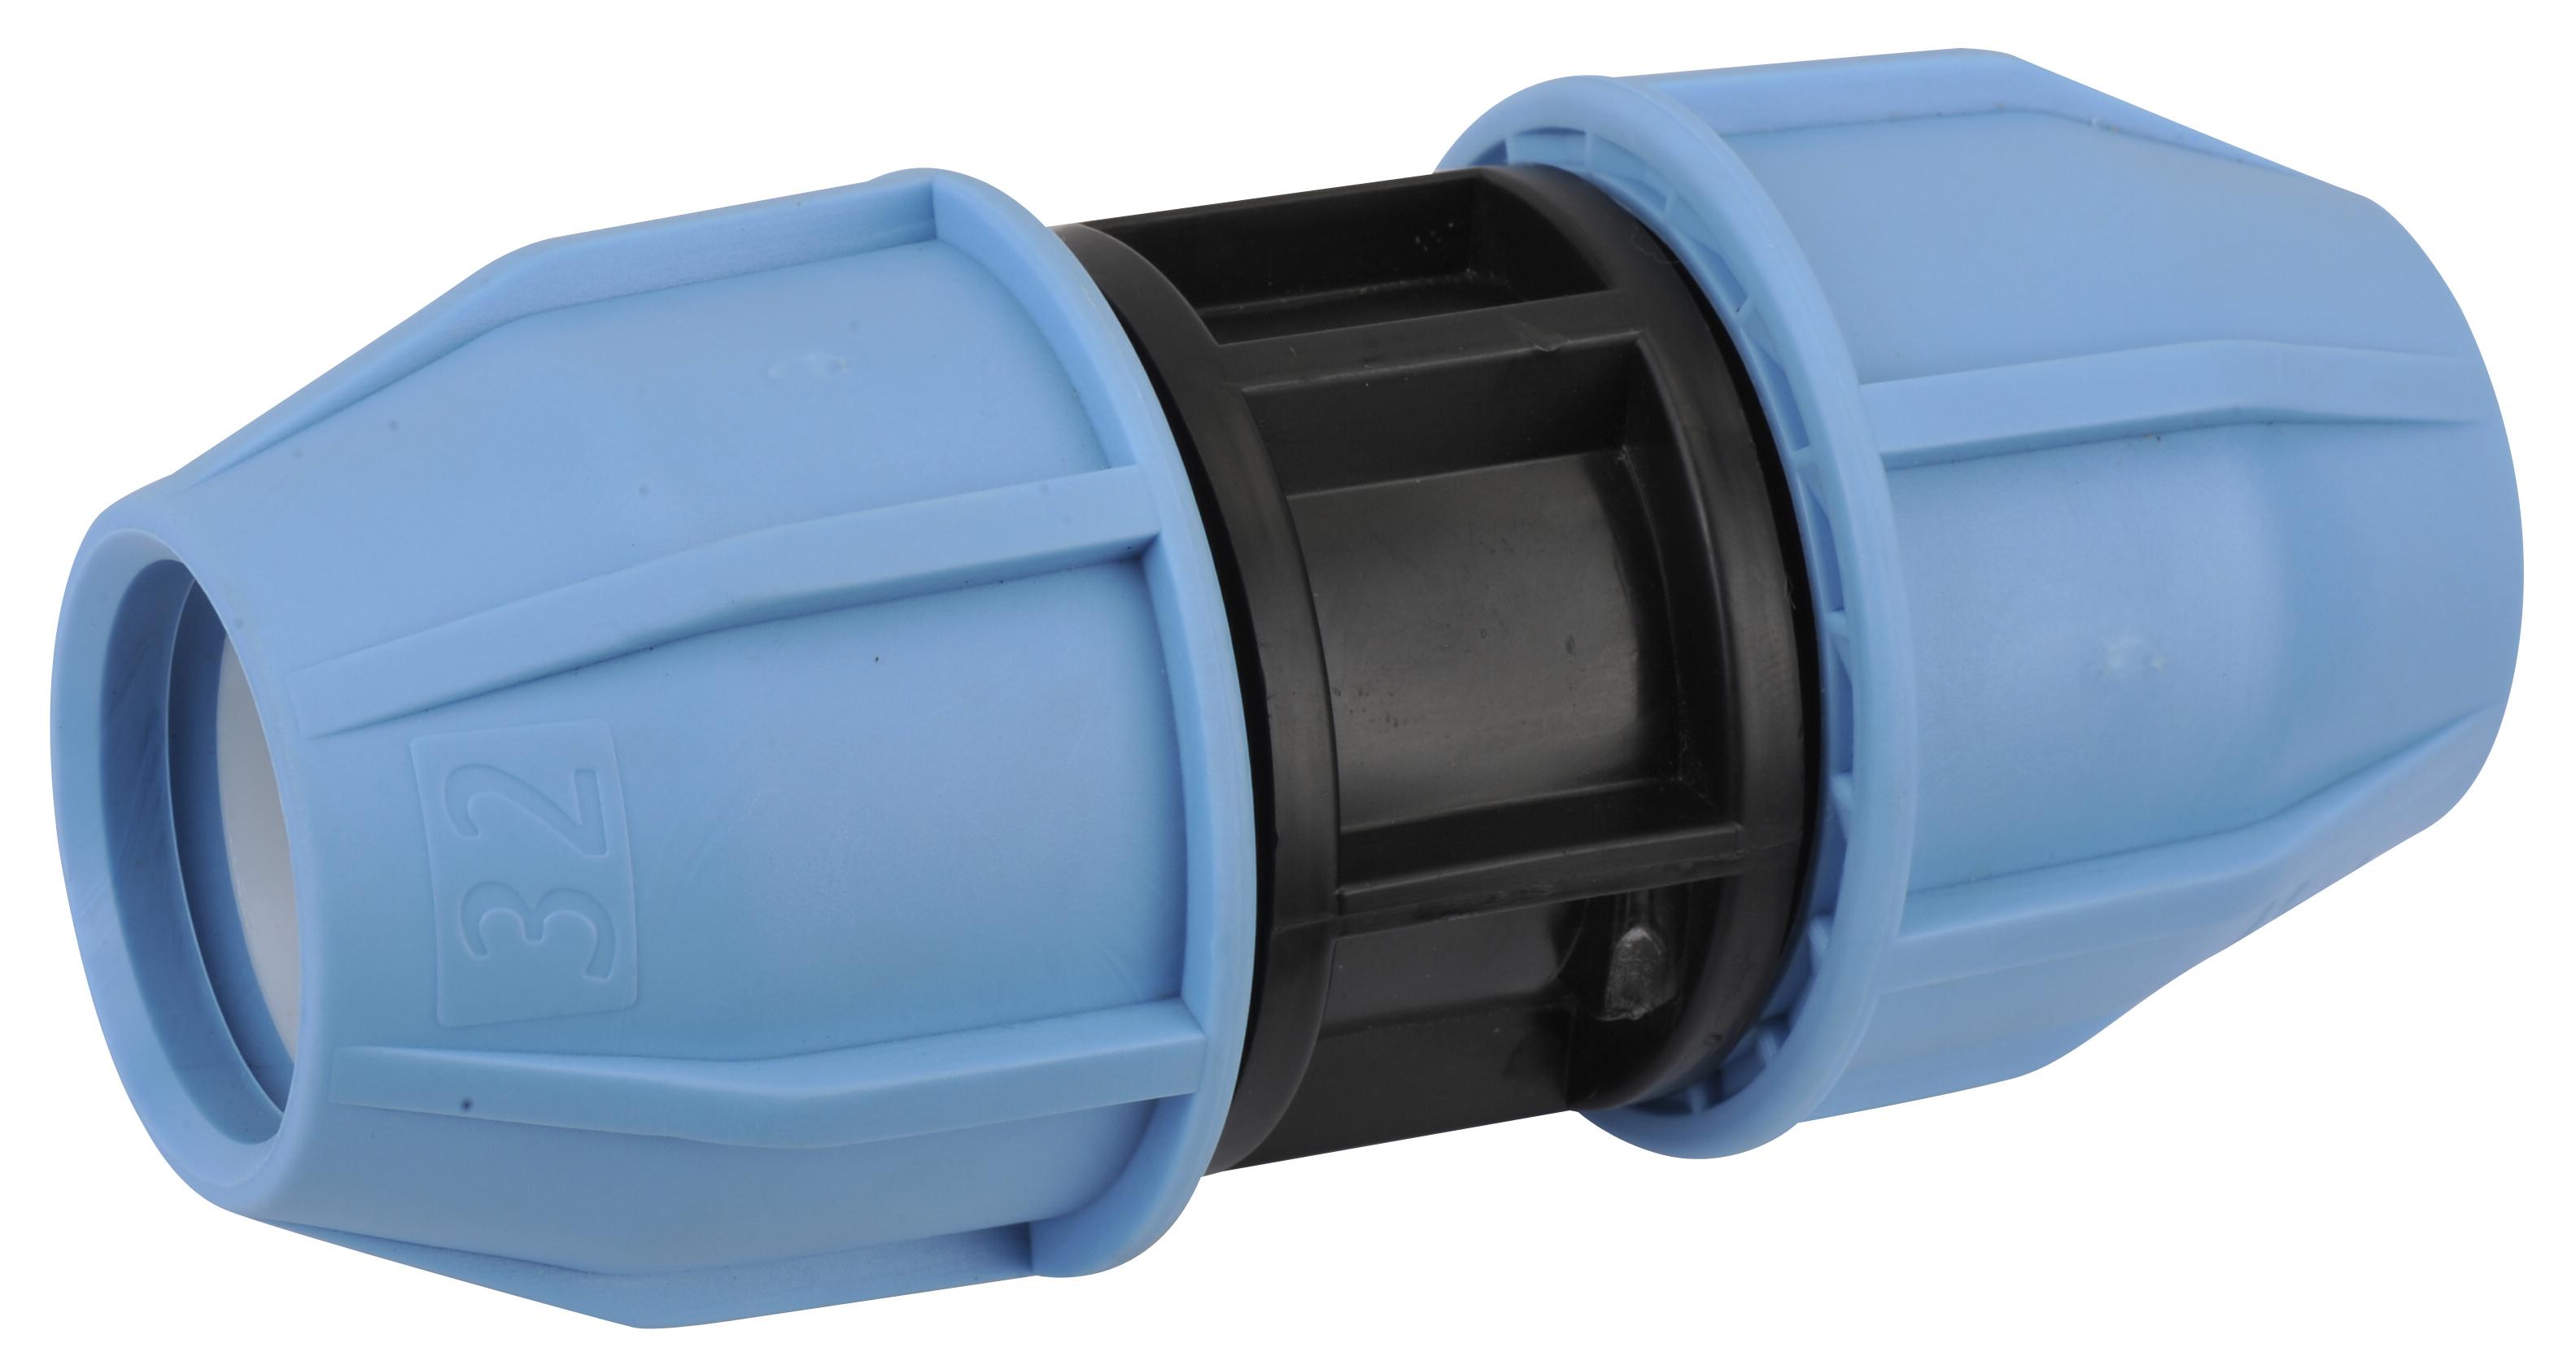 Муфта компрессионная PN16 d 32 для ПЭ труб, РТП